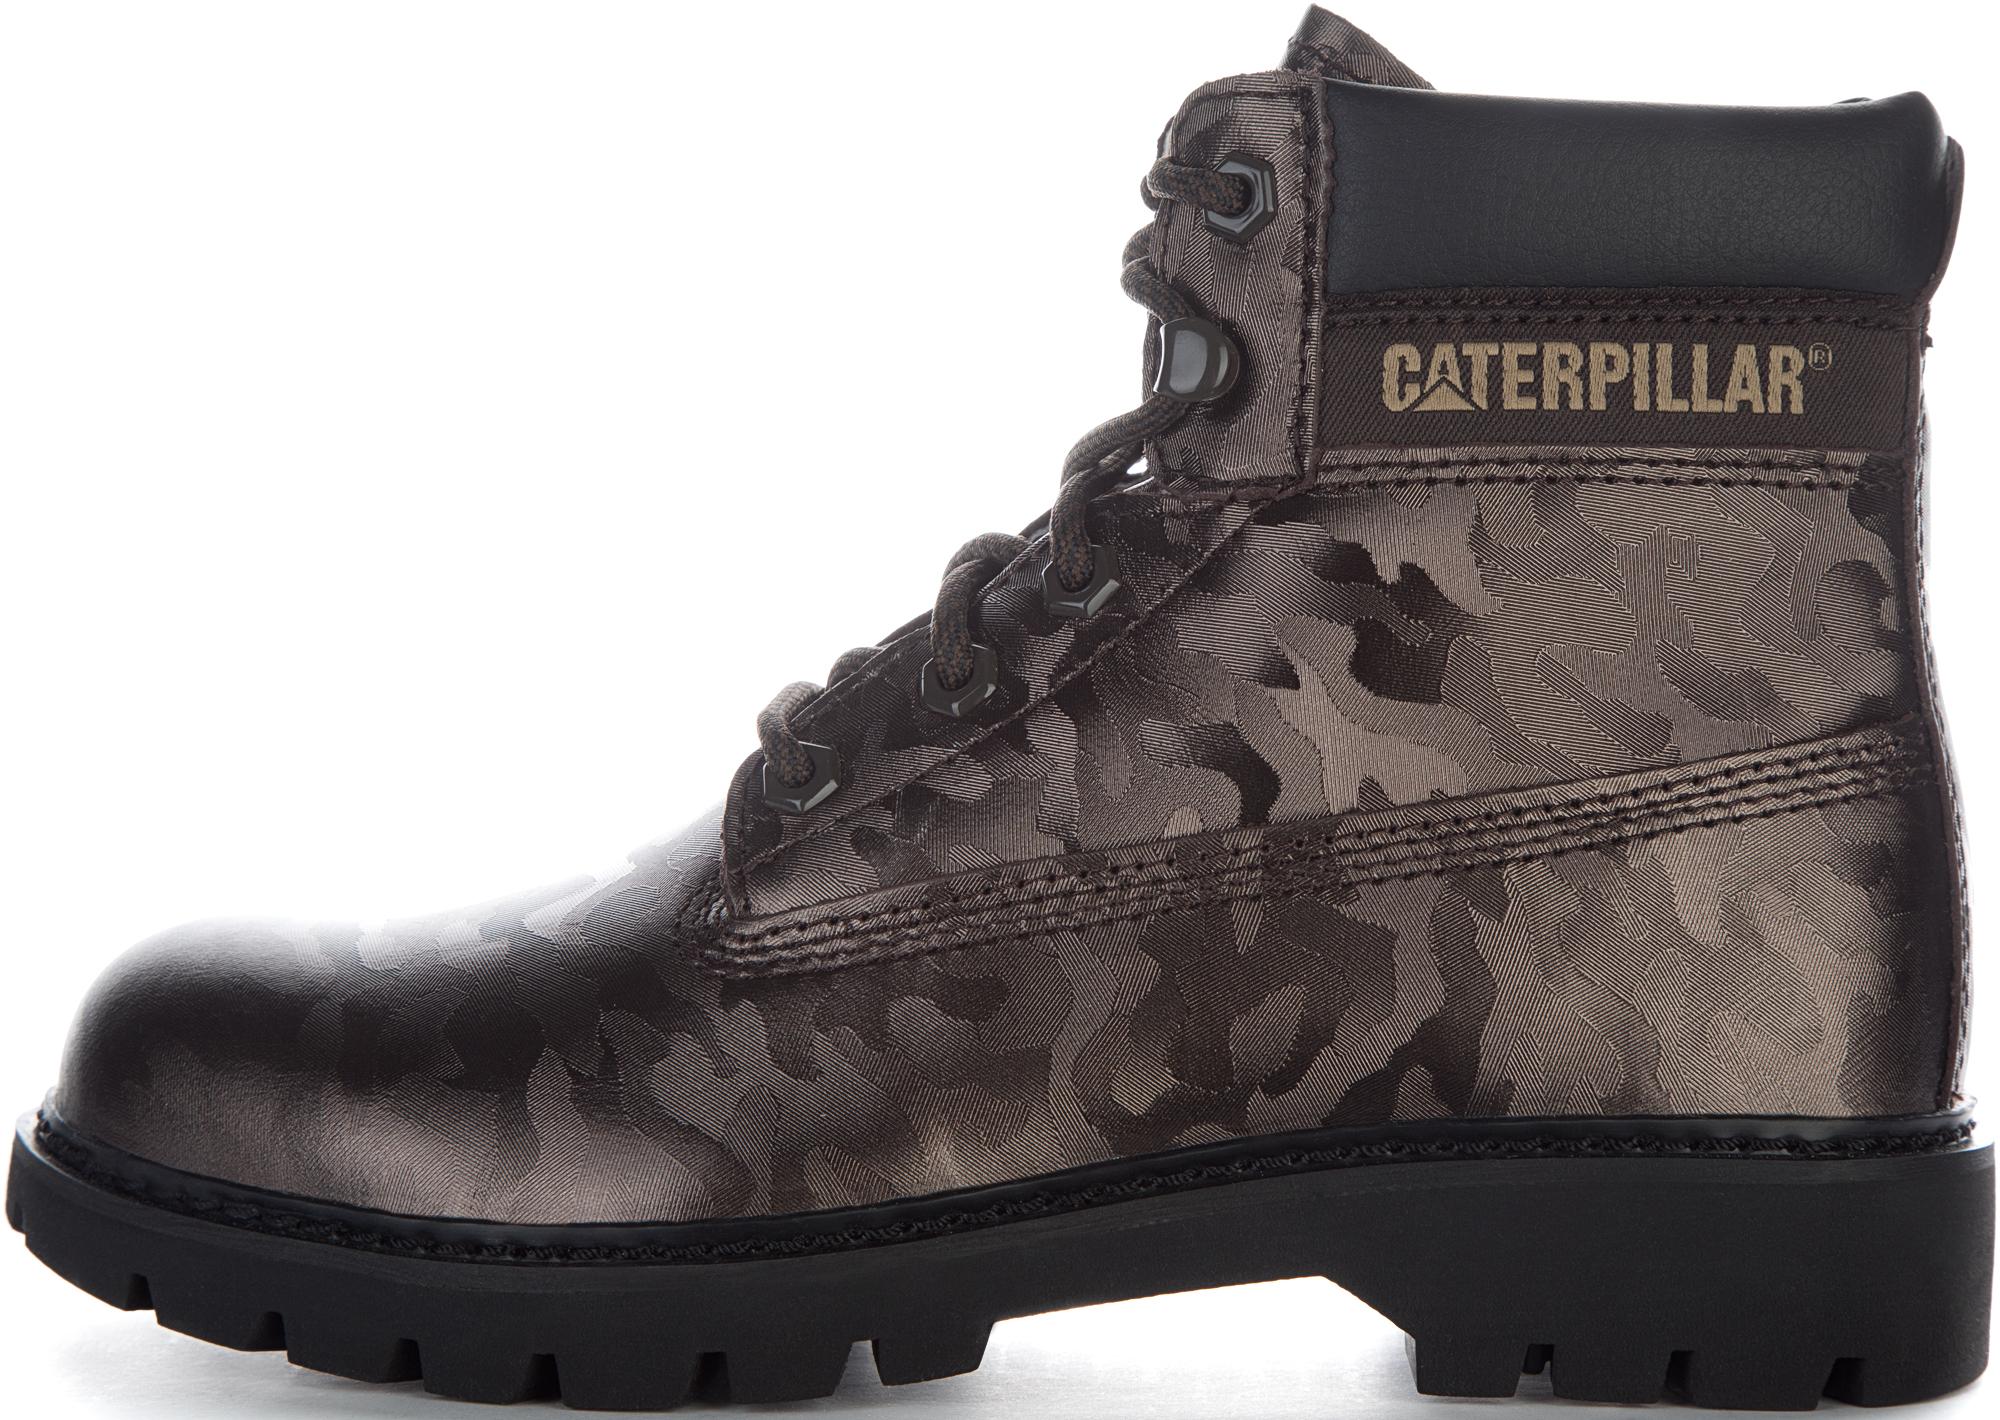 цена Caterpillar Ботинки женские Caterpillar Lyric, размер 40 онлайн в 2017 году